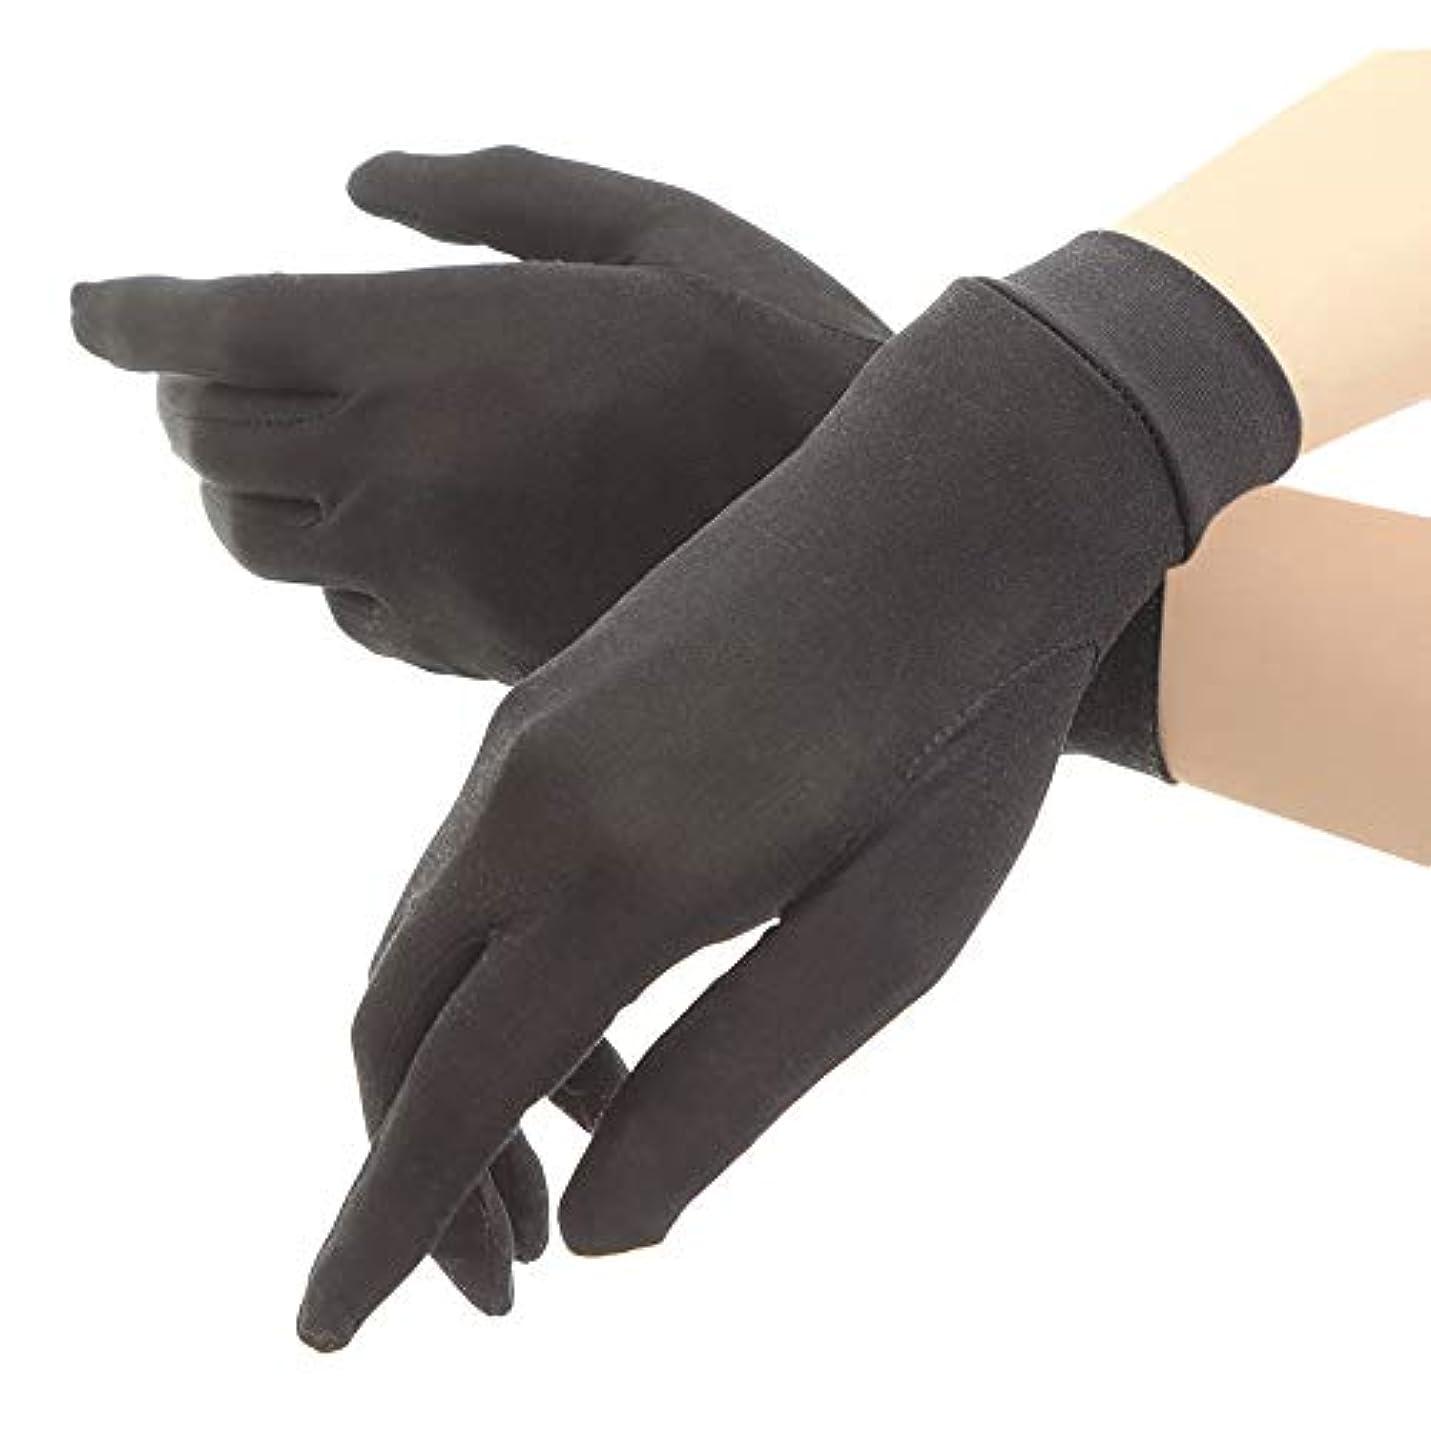 雷雨死ぬビデオシルク手袋 レディース 手袋 シルク 絹 ハンド ケア 保湿 紫外線 肌荒れ 乾燥 サイズアップで手指にマッチ 【macch】